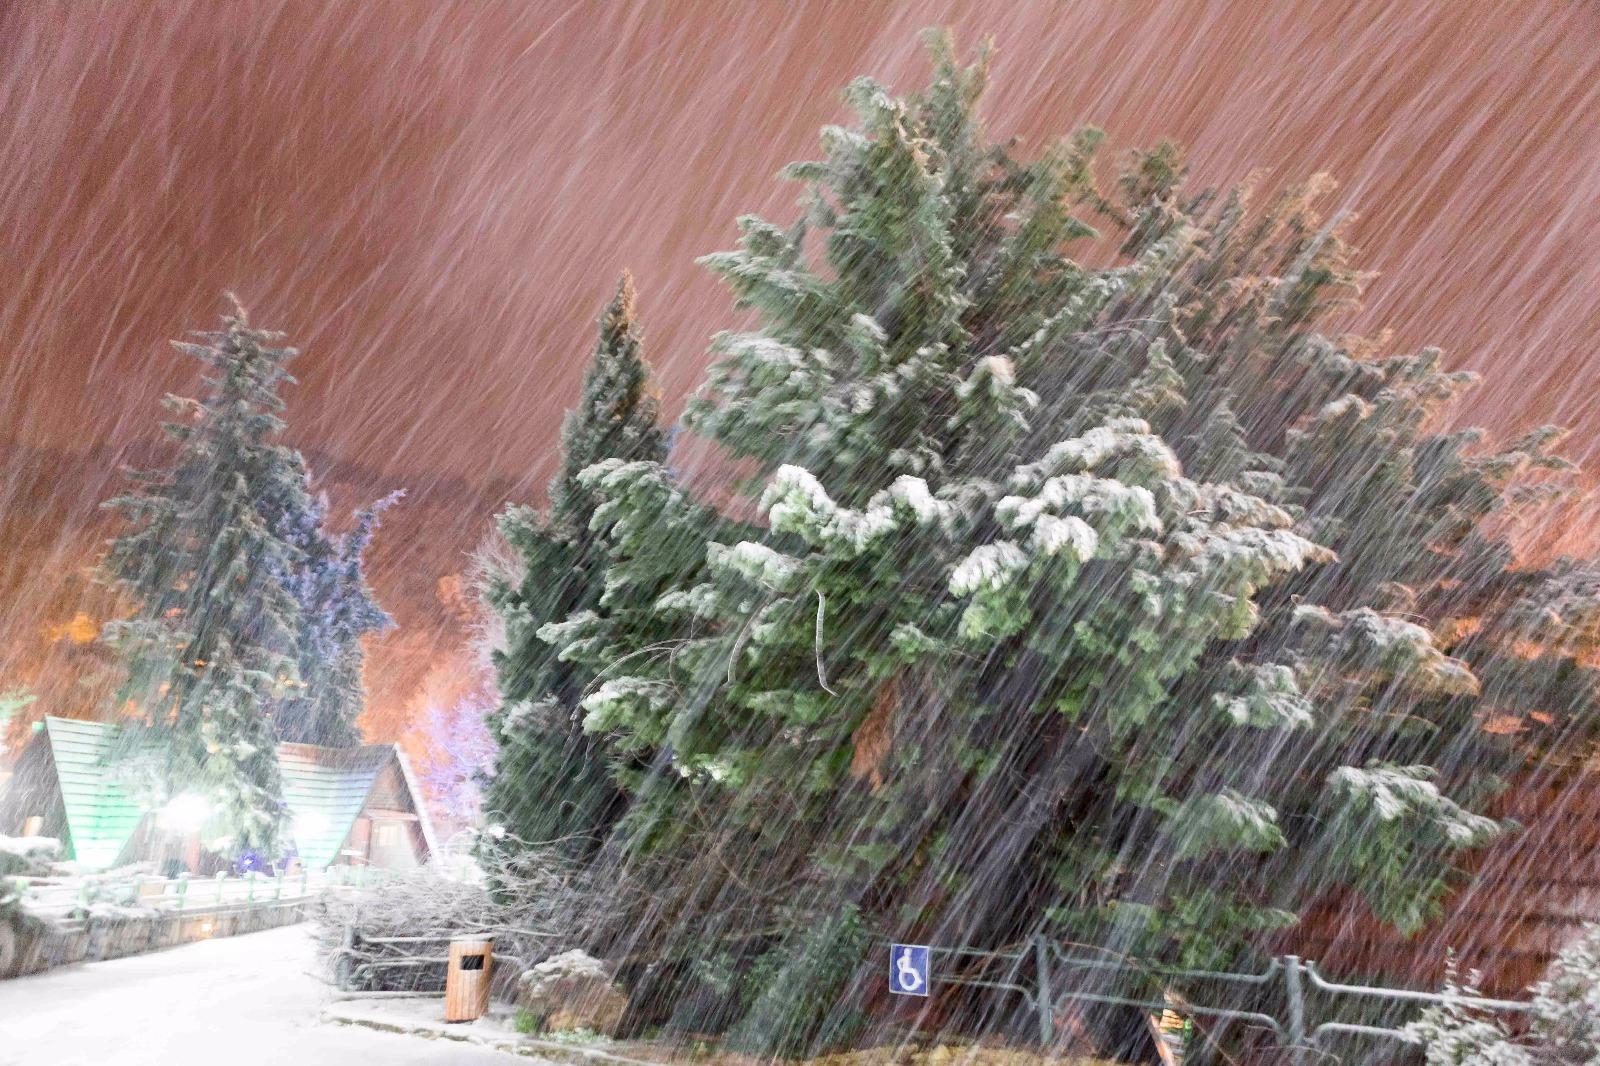 שלג בכפר הנופש רימונים נווה אטיב - 25.1.16 - צלם בן פרידמן